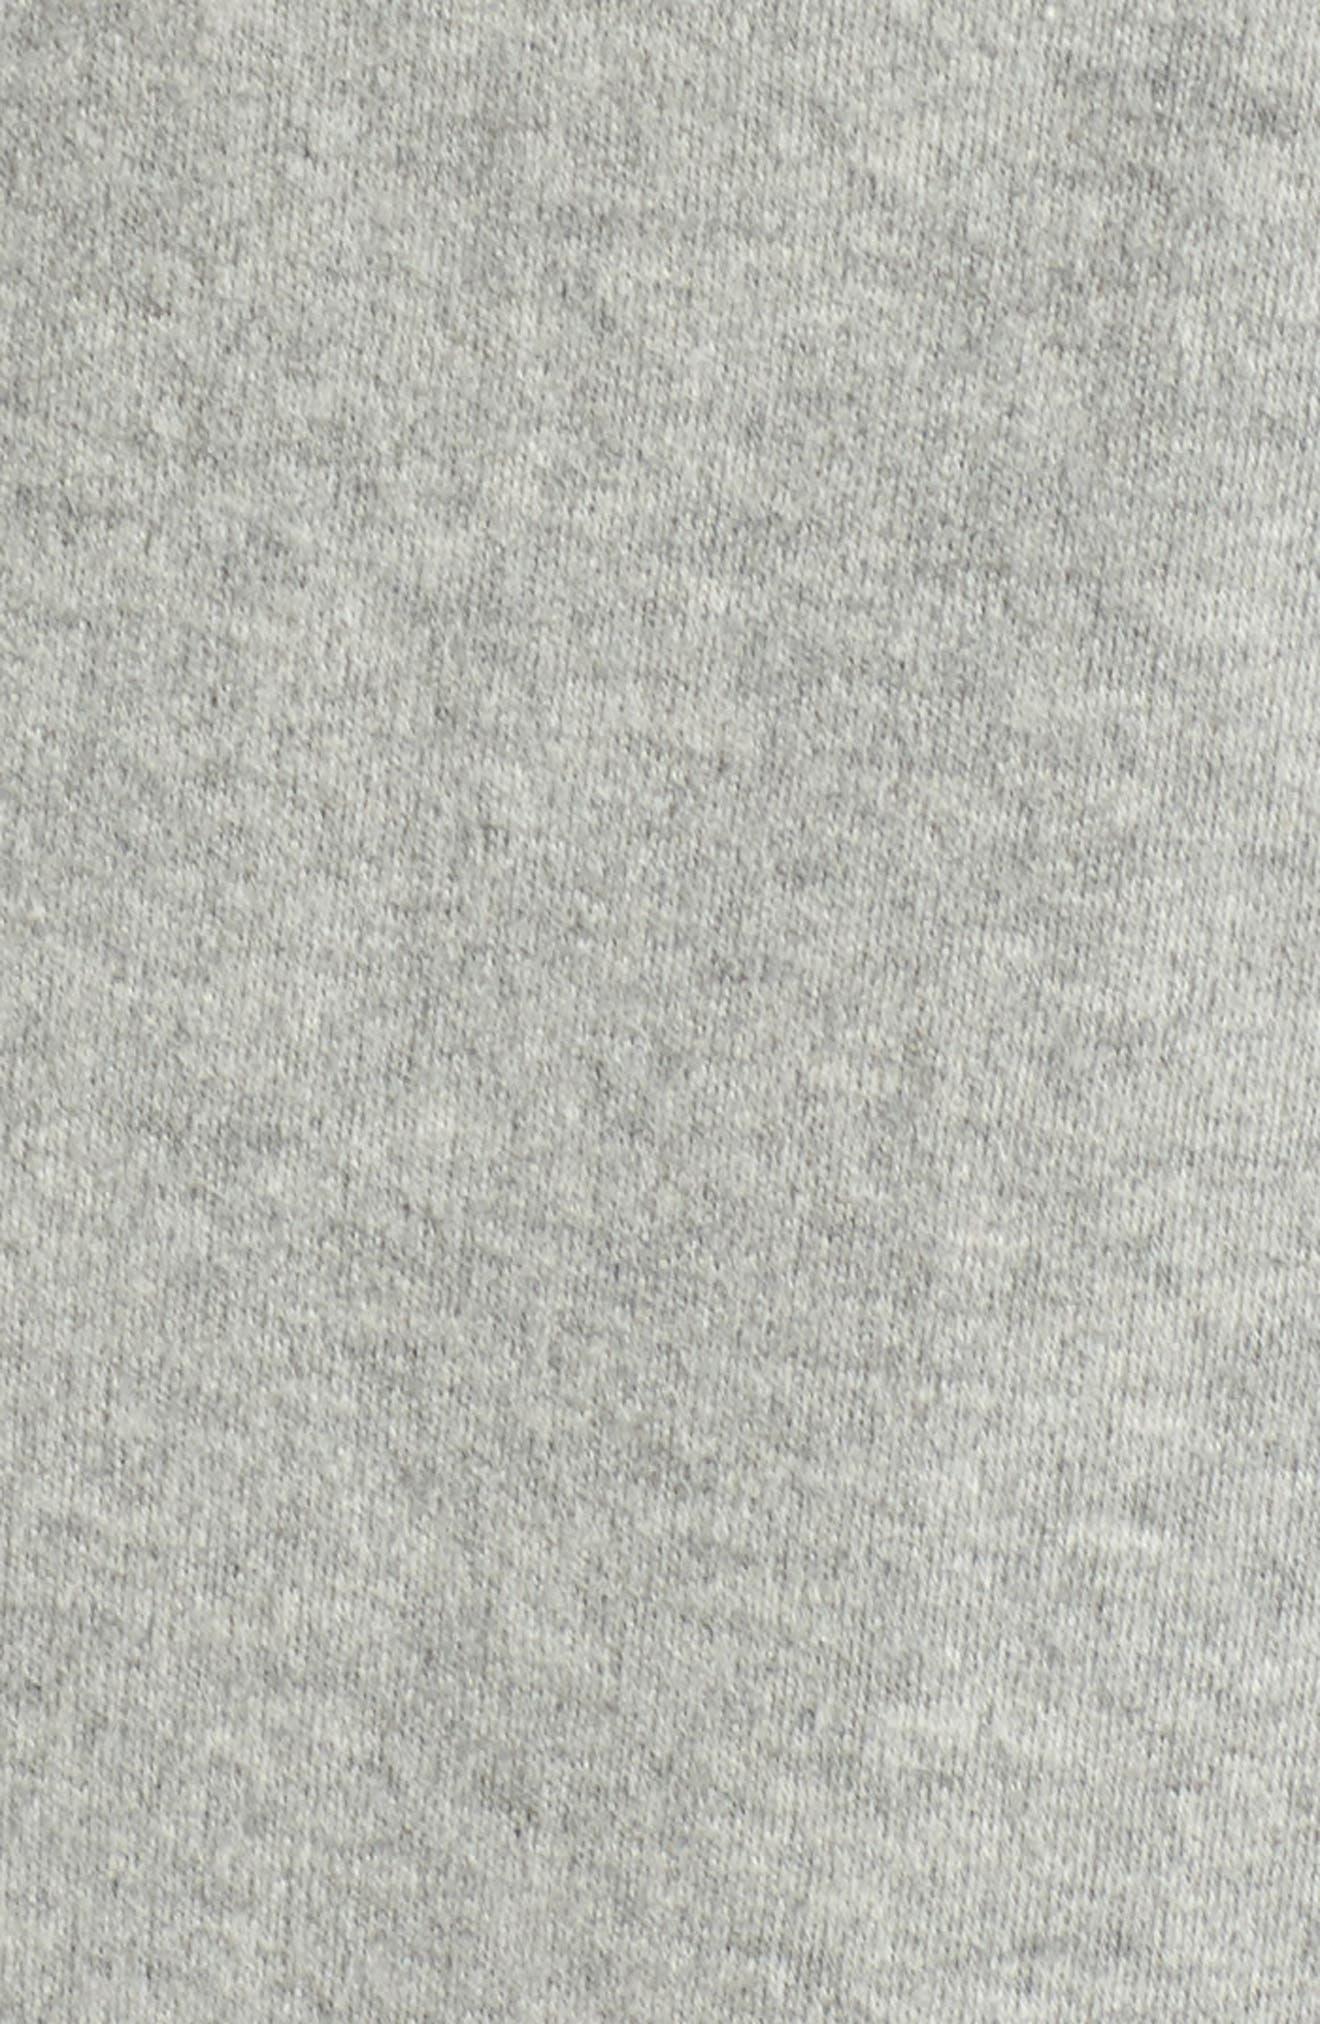 Alternate Image 5  - Lauren Ralph Lauren Shawl Collar Robe (Plus Size) (Online Only)